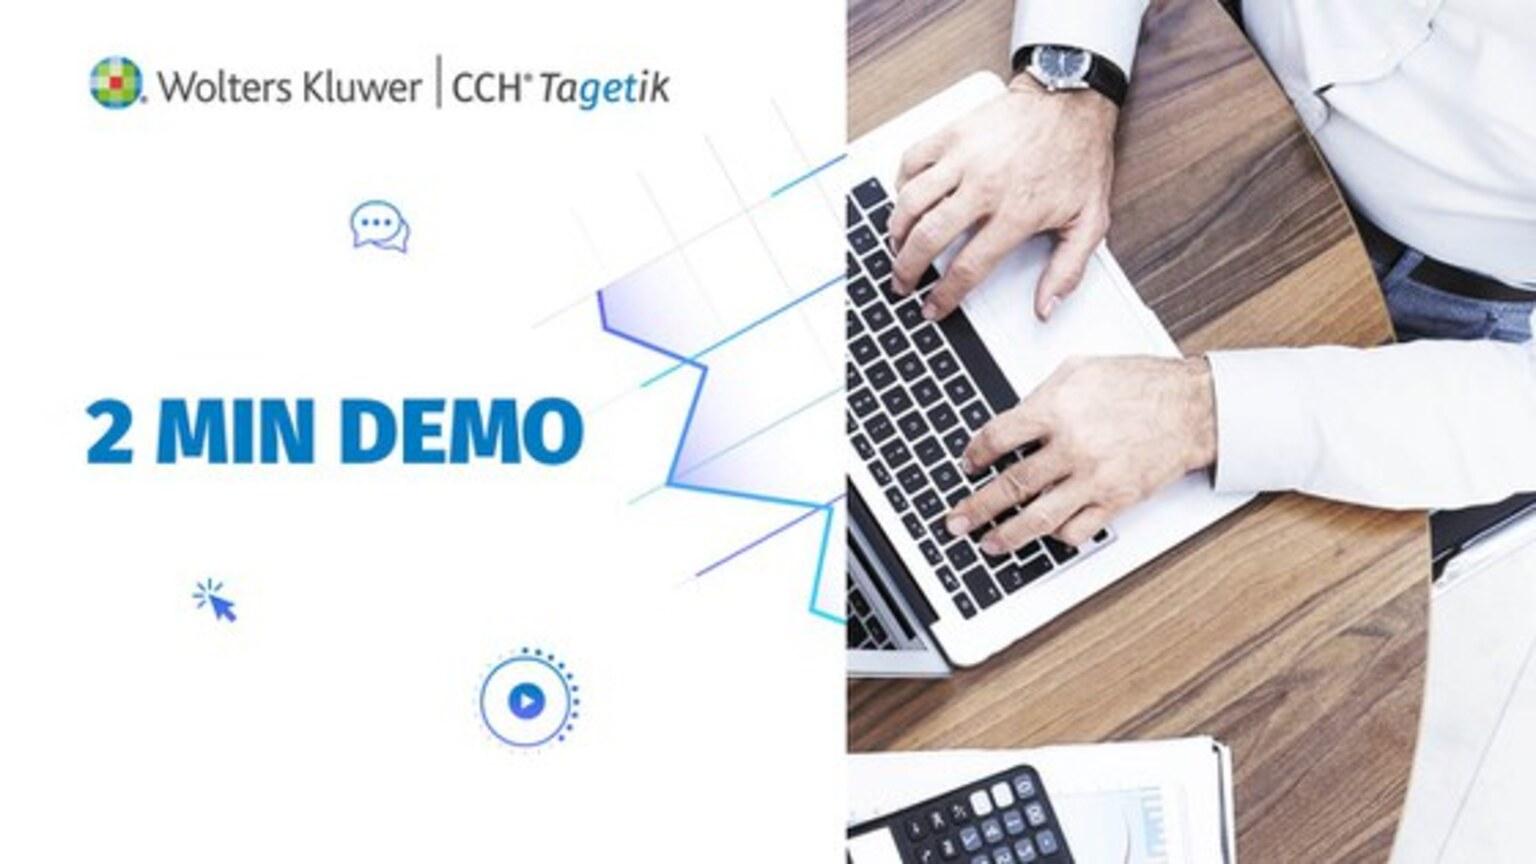 2 Min Demo - AUM Planning in CCH Tagetik